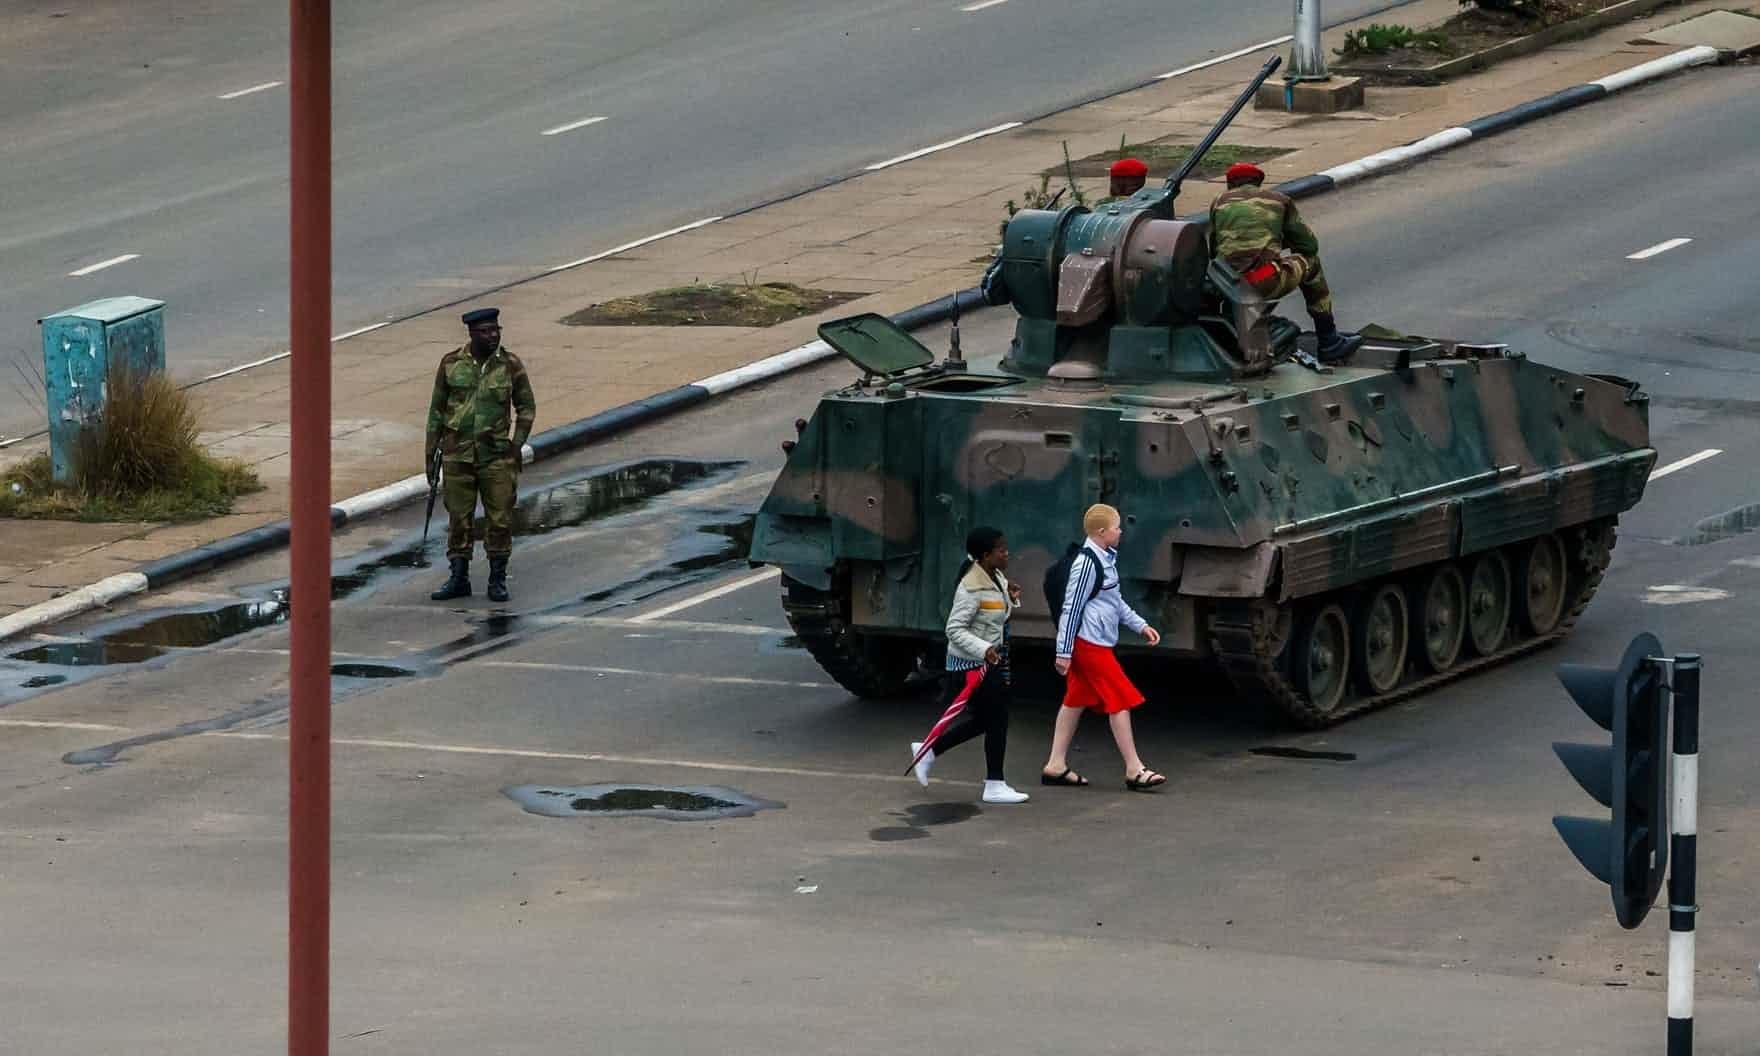 عکس روز: روزهای نظامی زیمبابوه